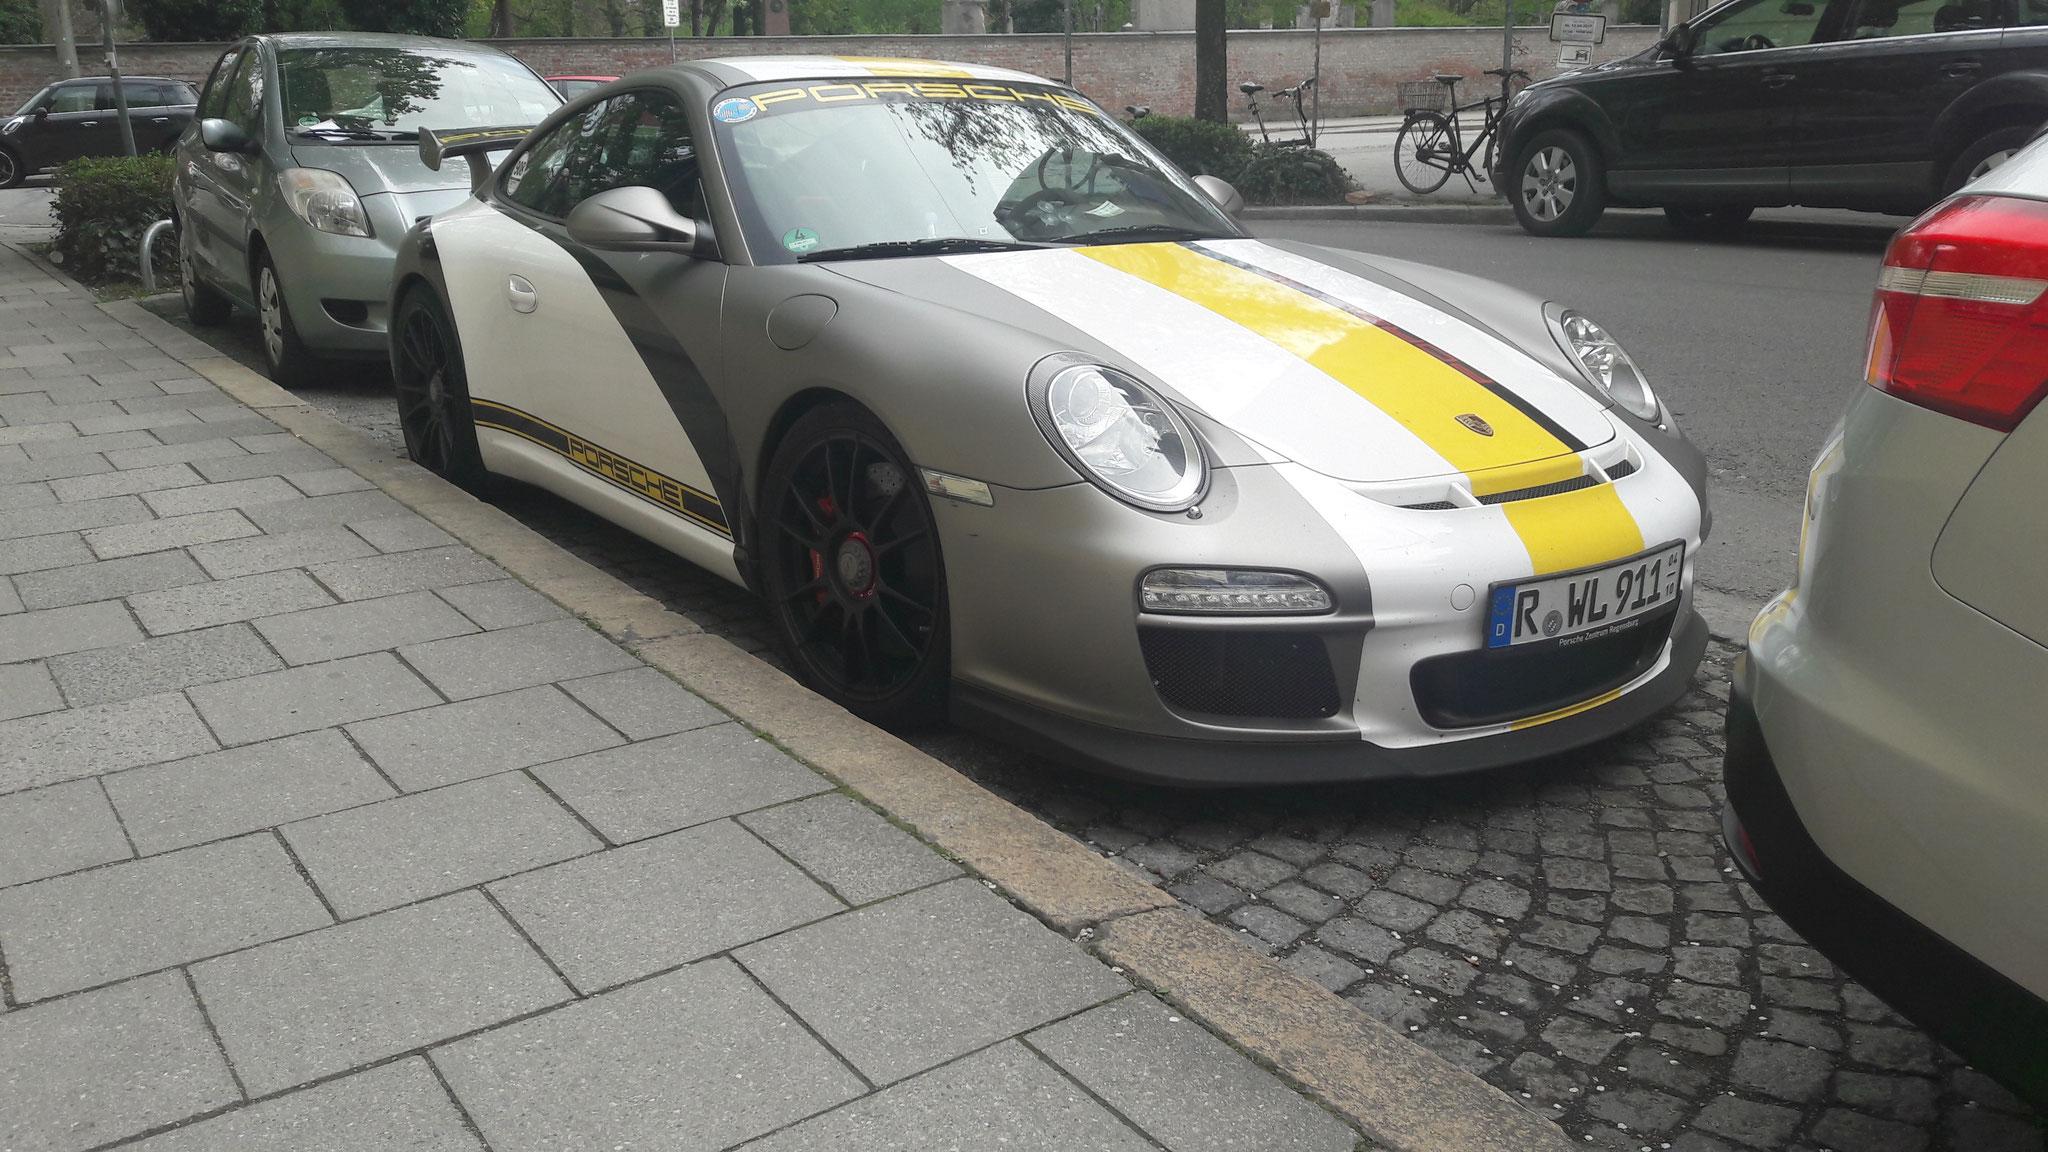 Porsche GT3 997 - R-WL-911